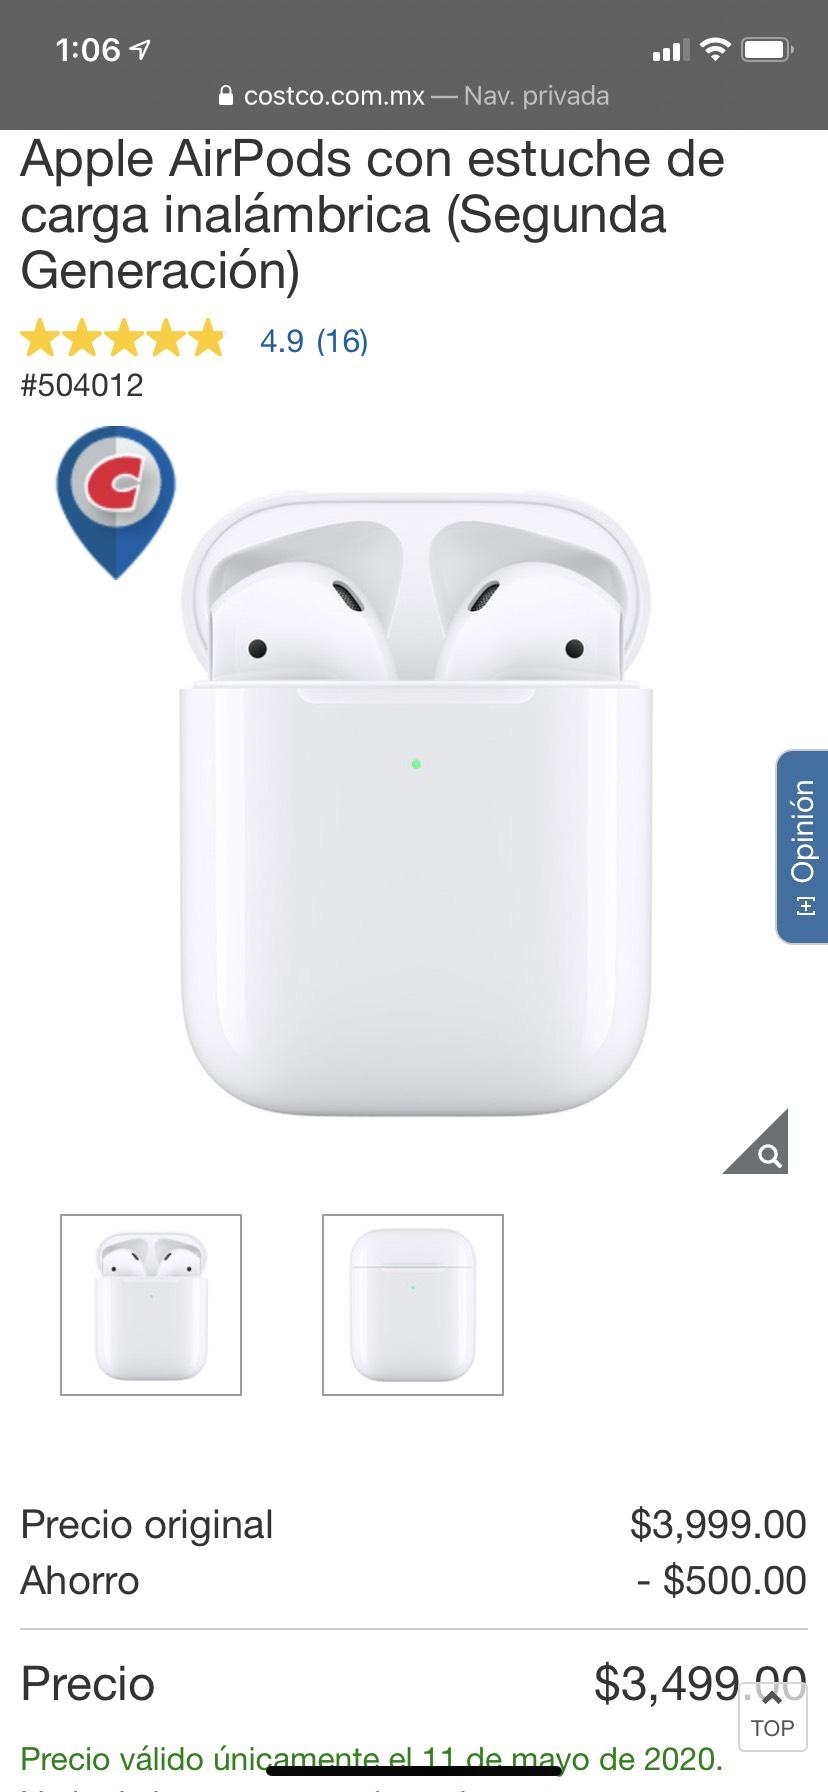 Costco: Apple carga inalámbrica